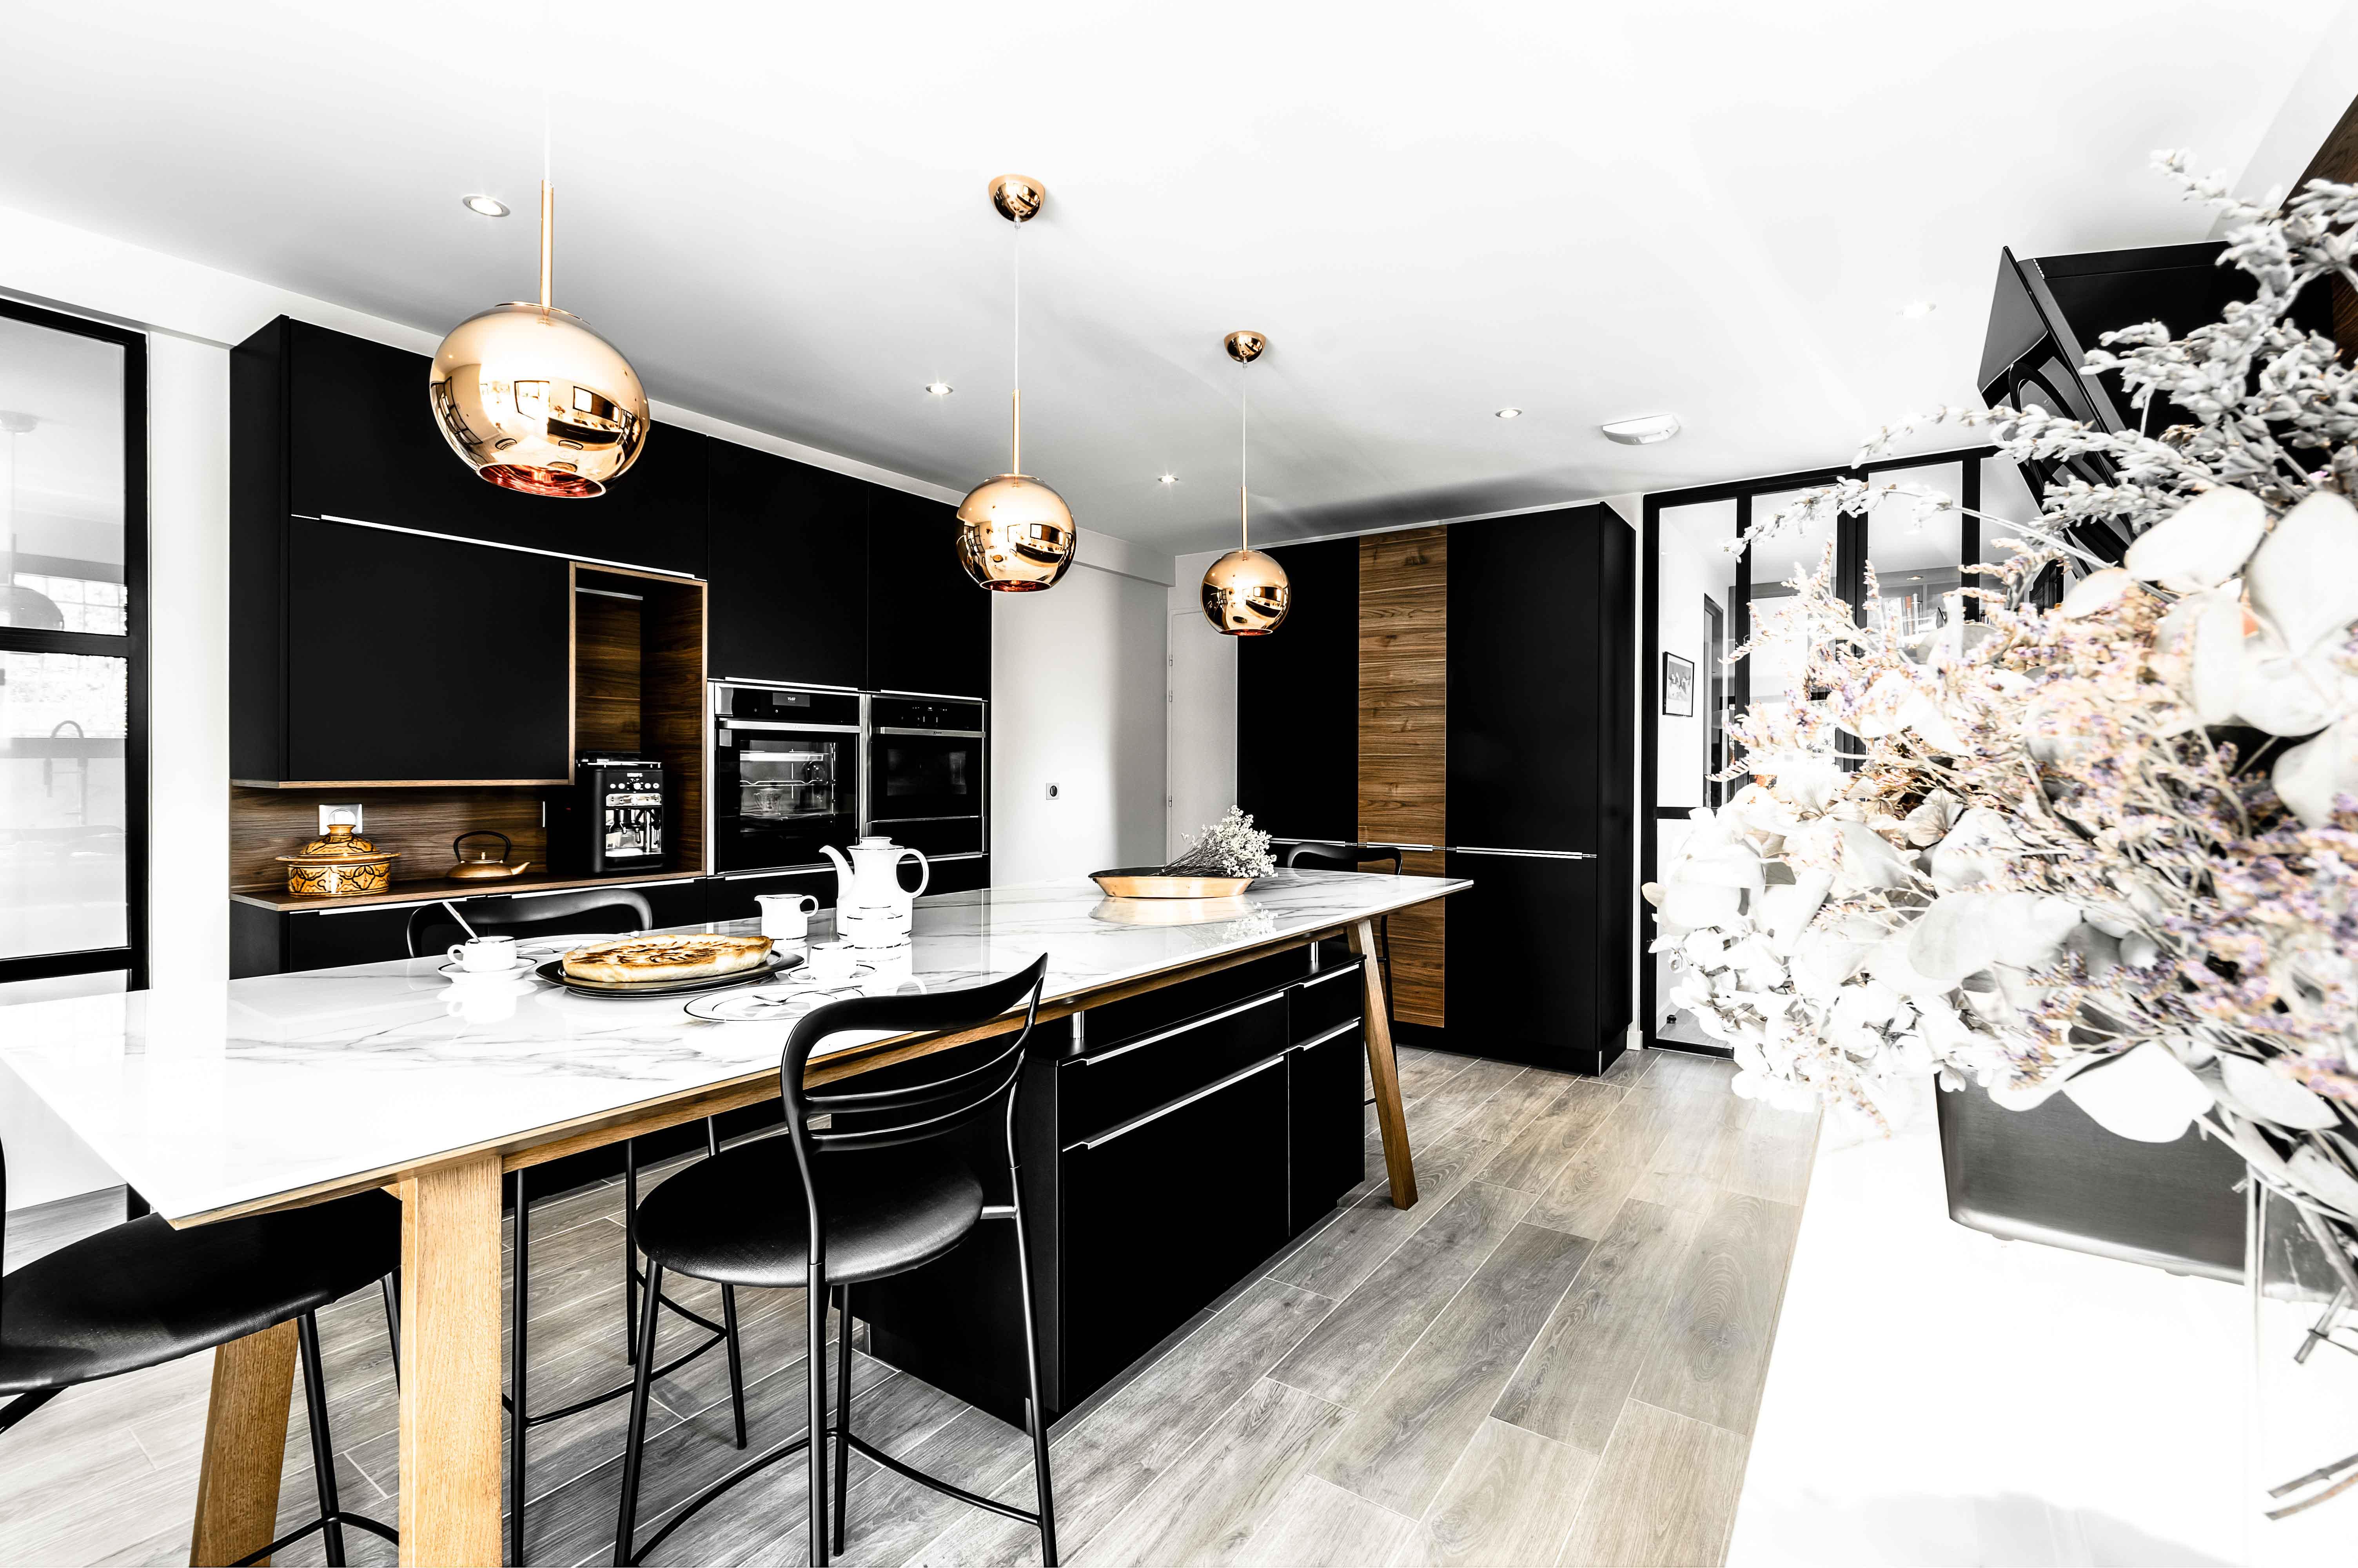 grande cuisine scandinave sur annecy moderne et nordique réalisation conception sur mesure